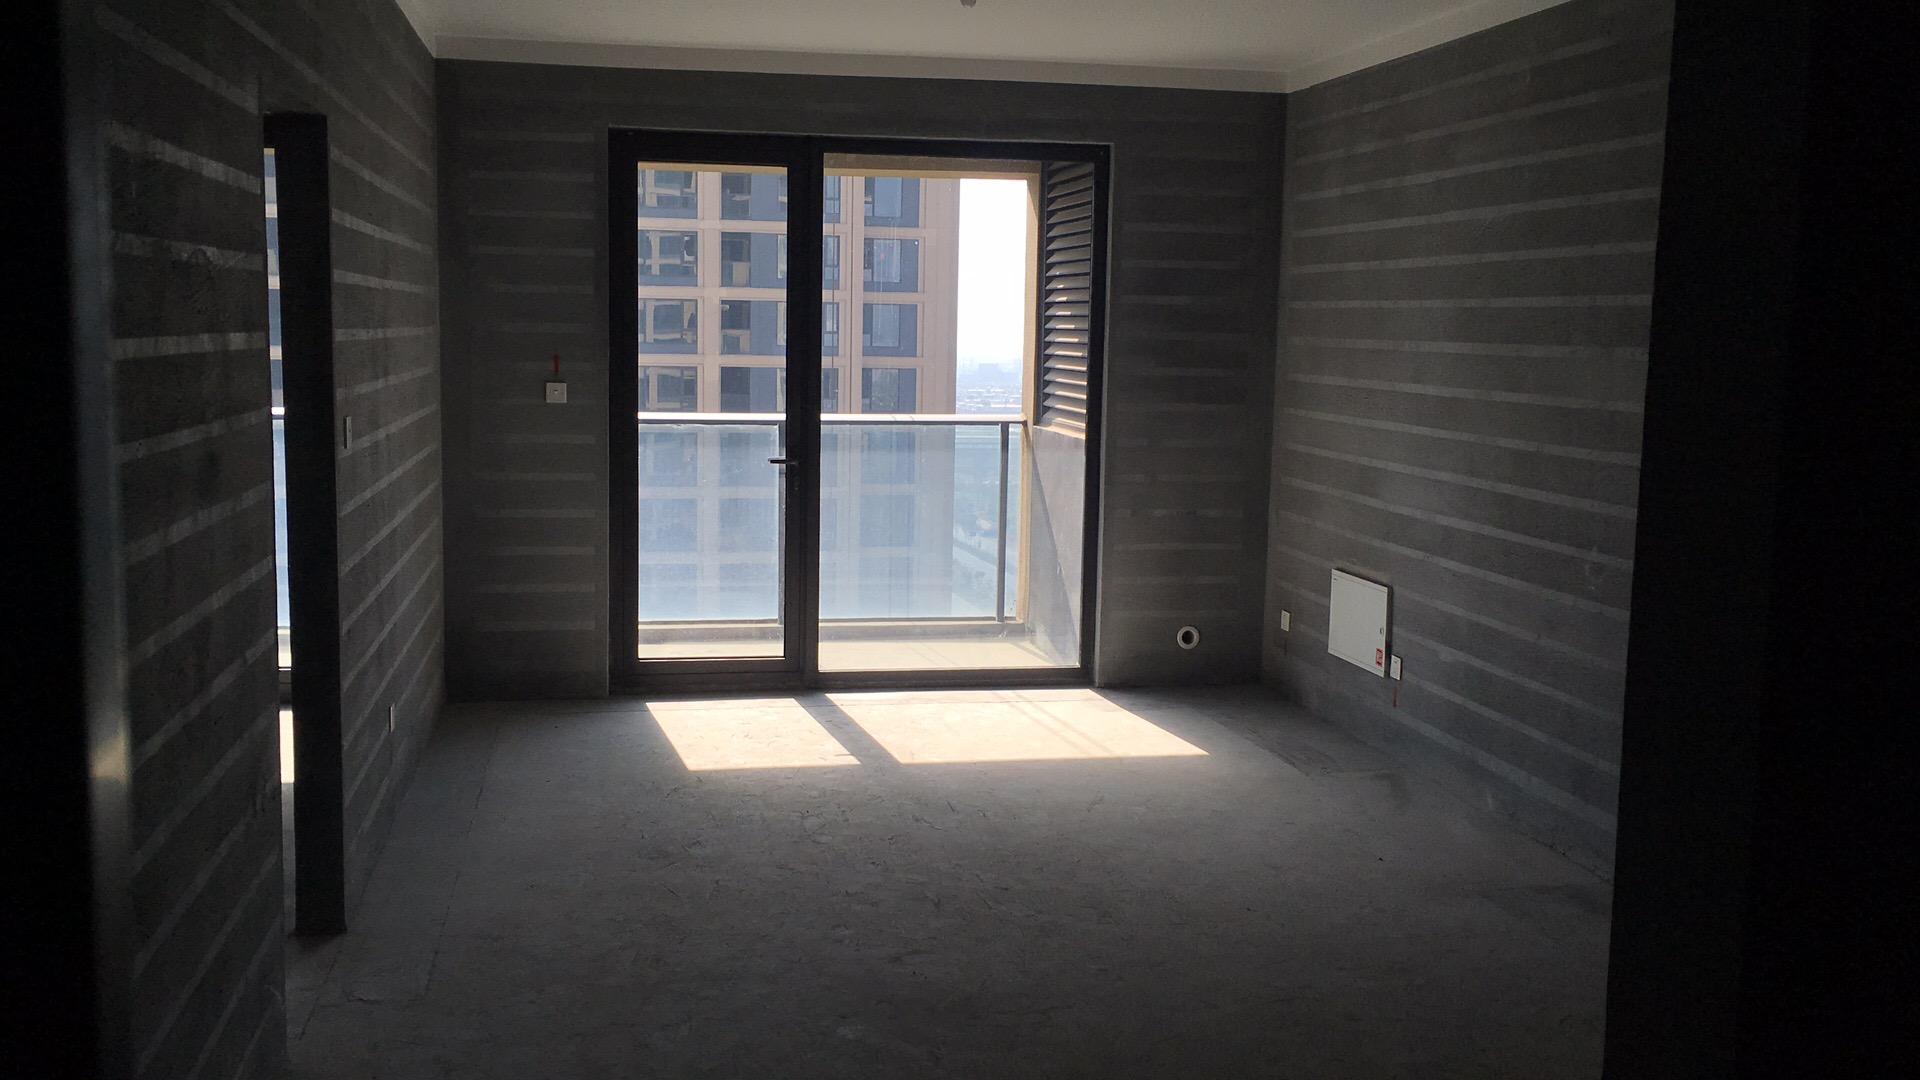 安福家园20层2室2厅2卫 106.61平米